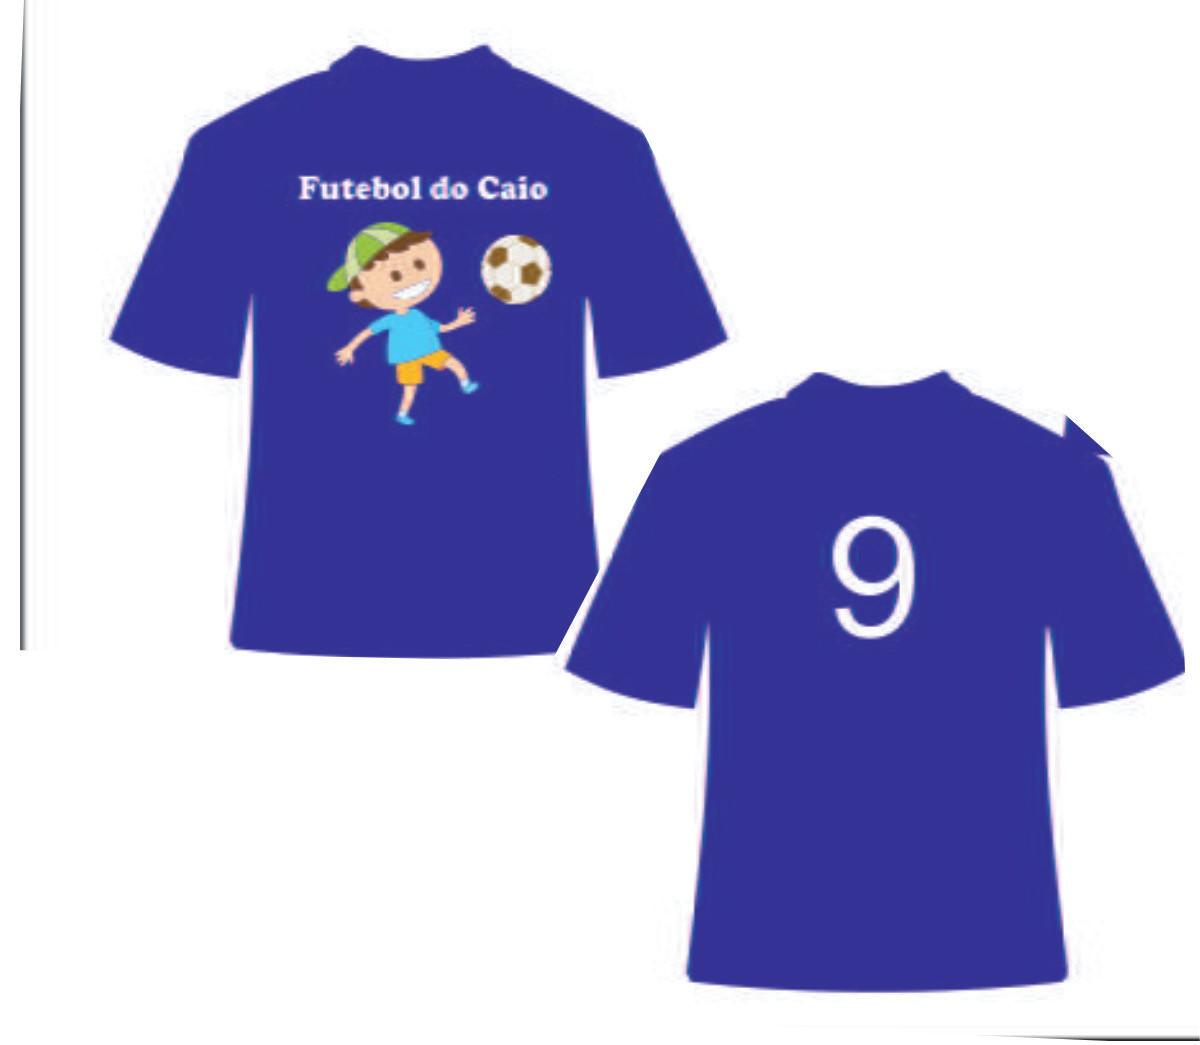 2511d73c2c Camiseta personalizada aniversario de Futebol- 3 unidades no Elo7 ...